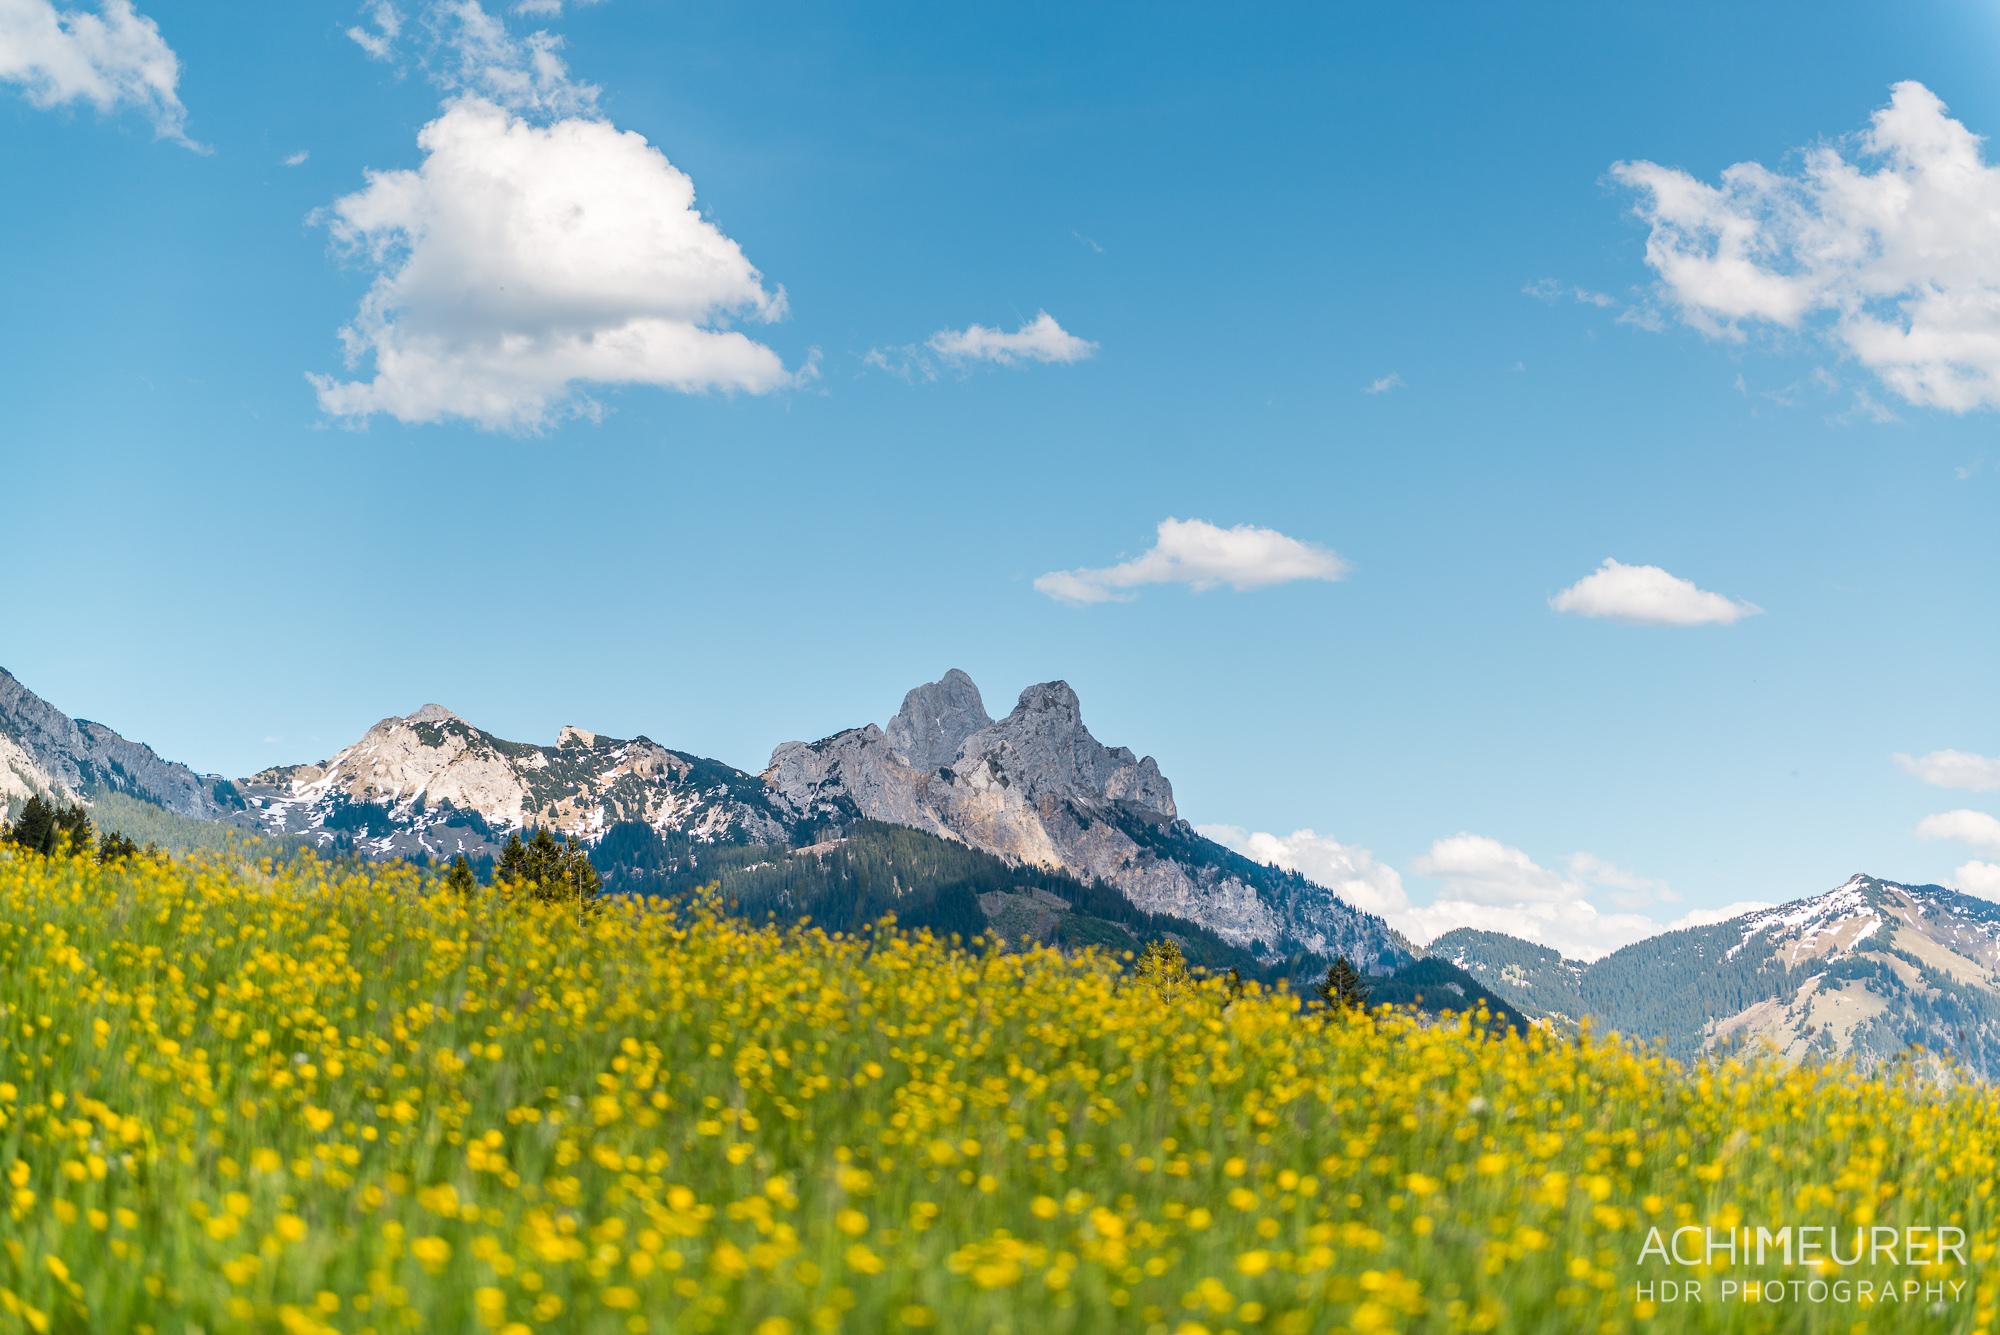 Tannheimer-Tal-Fruehling-Landschaft-Wiese-Blumen_2057